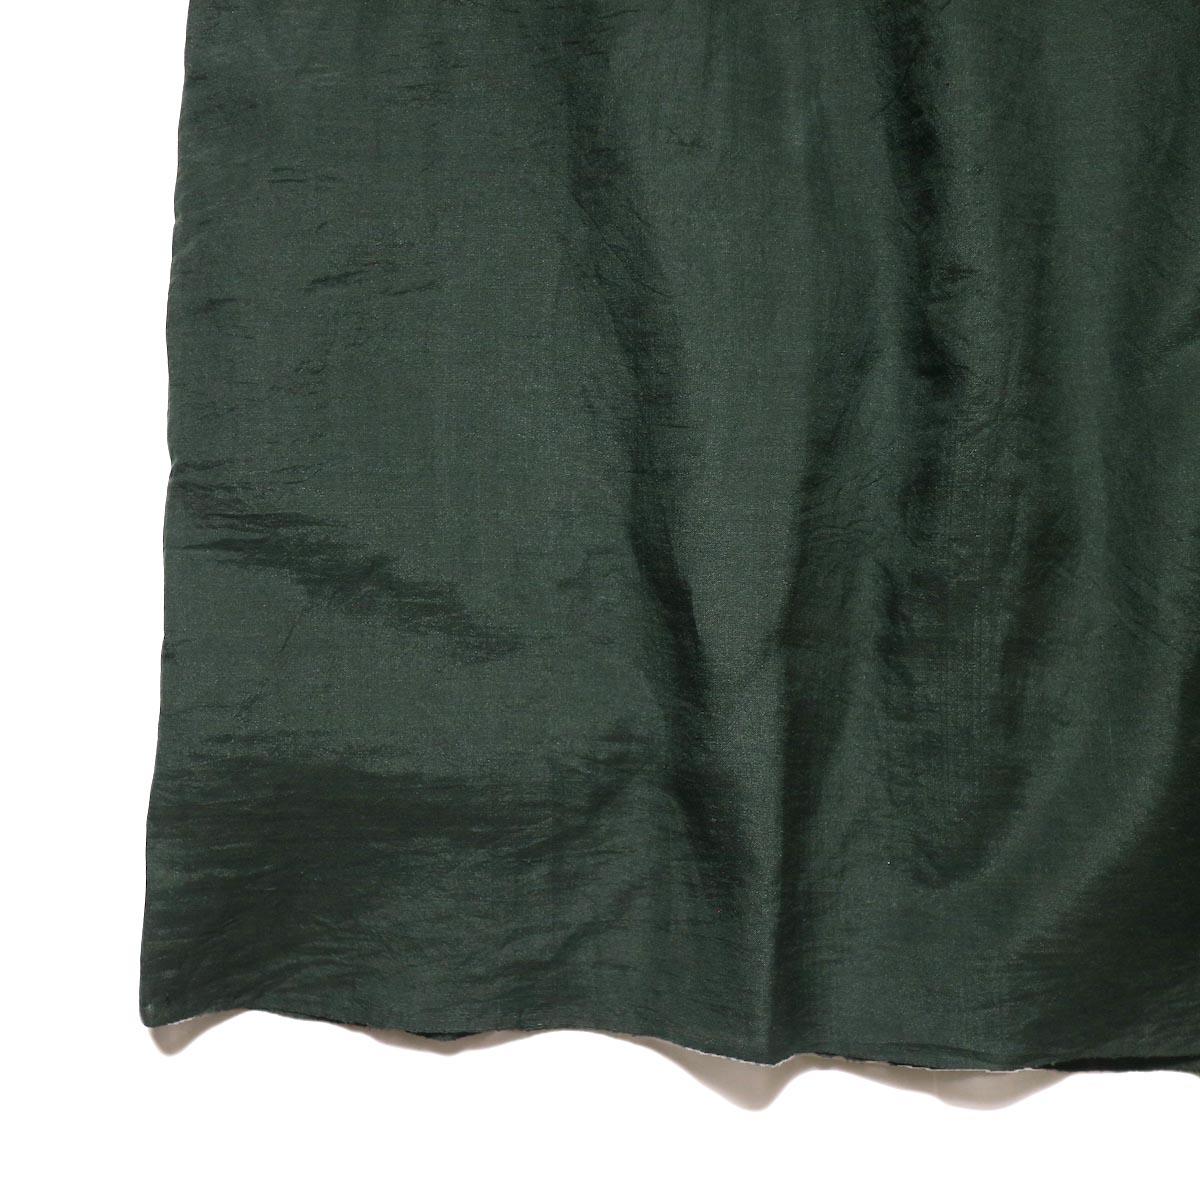 maison de soil / HAND WOVEN COTTON SILK × SILK PLAIN DROP SHOULDER DRESS (green) 裾